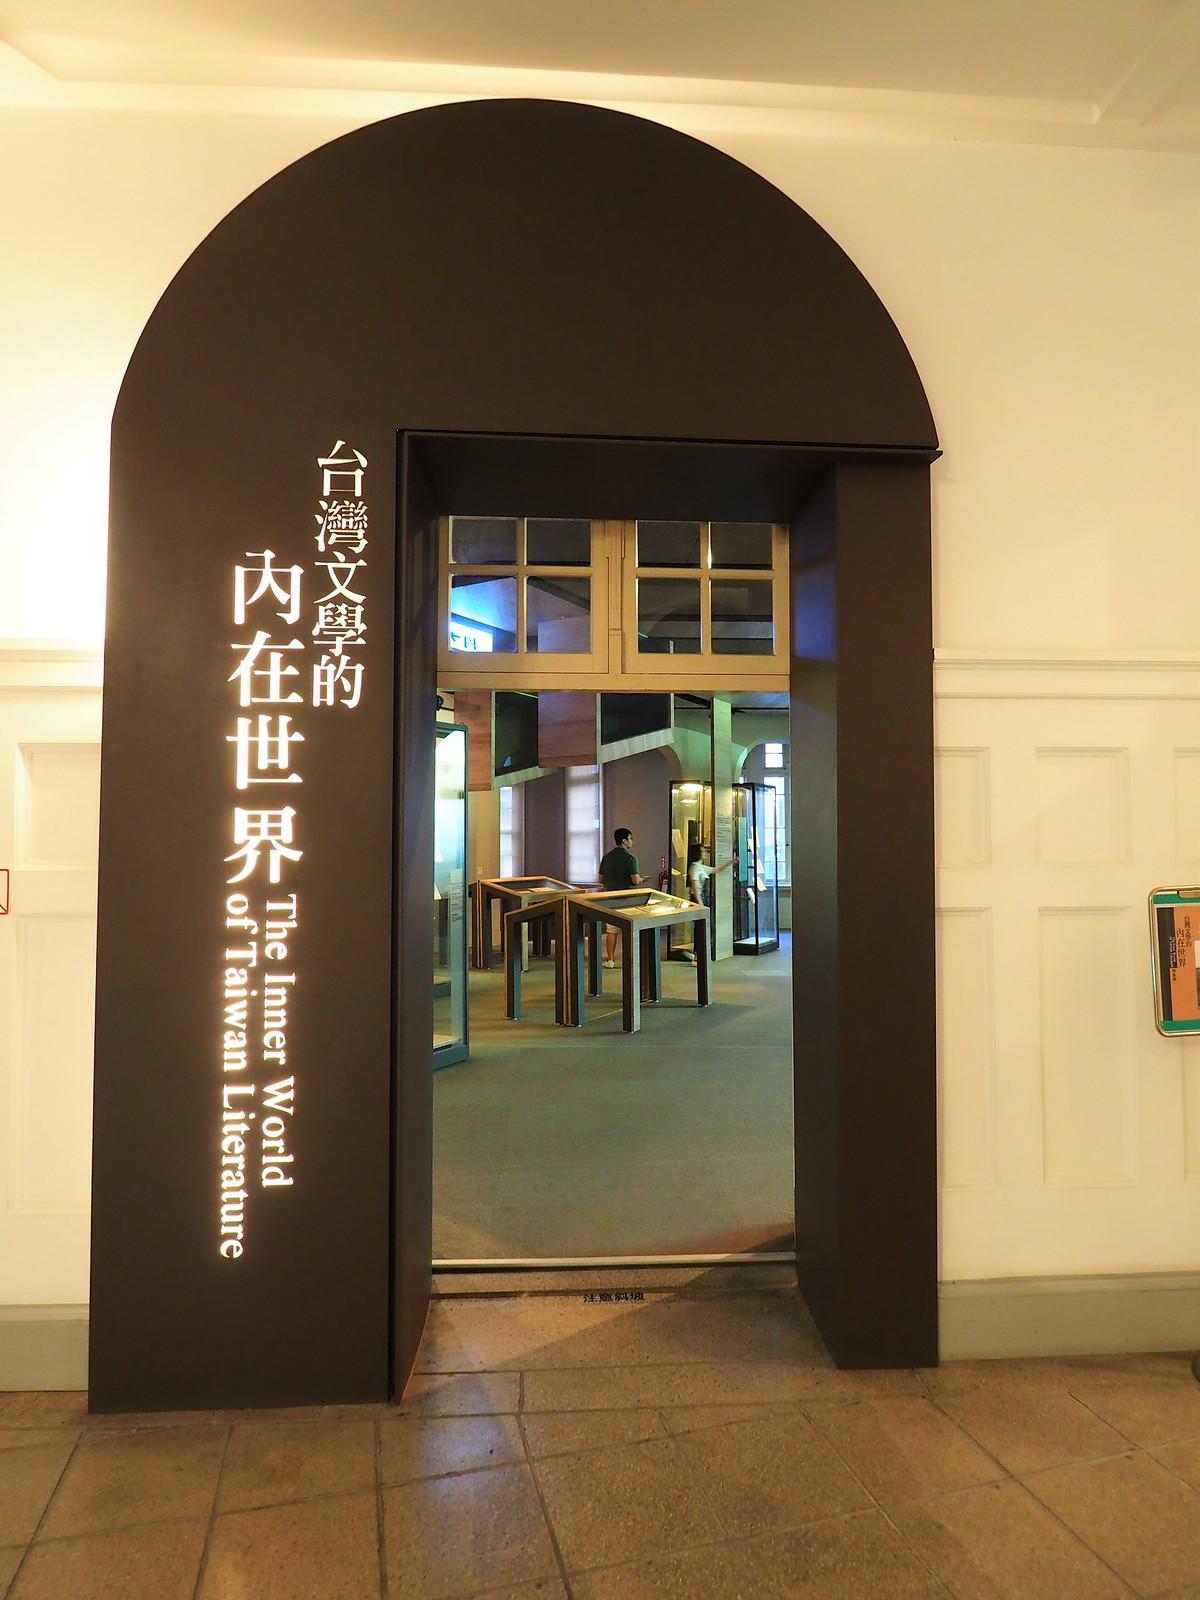 台灣文學館 (16)